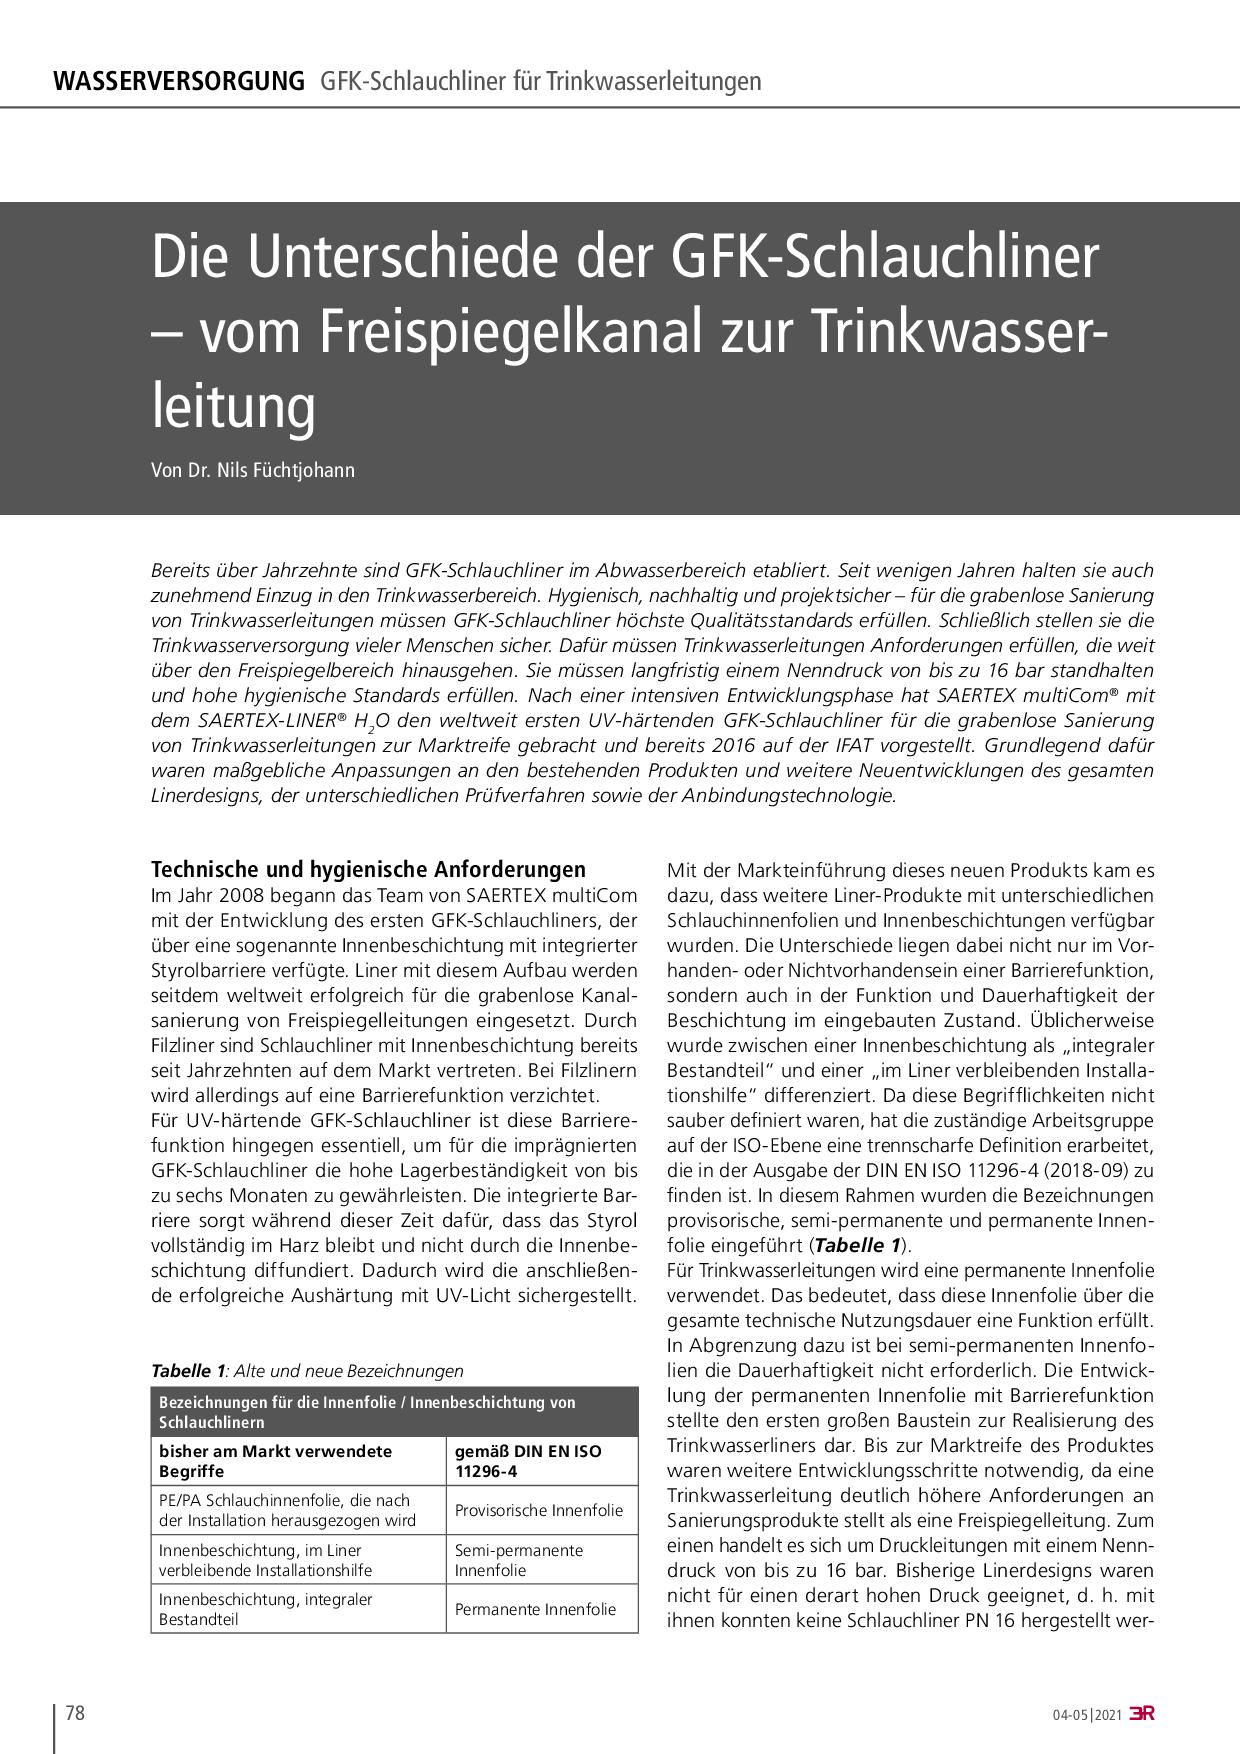 Die Unterschiede der GFK-Schlauchliner – vom Freispiegelkanal zur Trinkwasserleitung